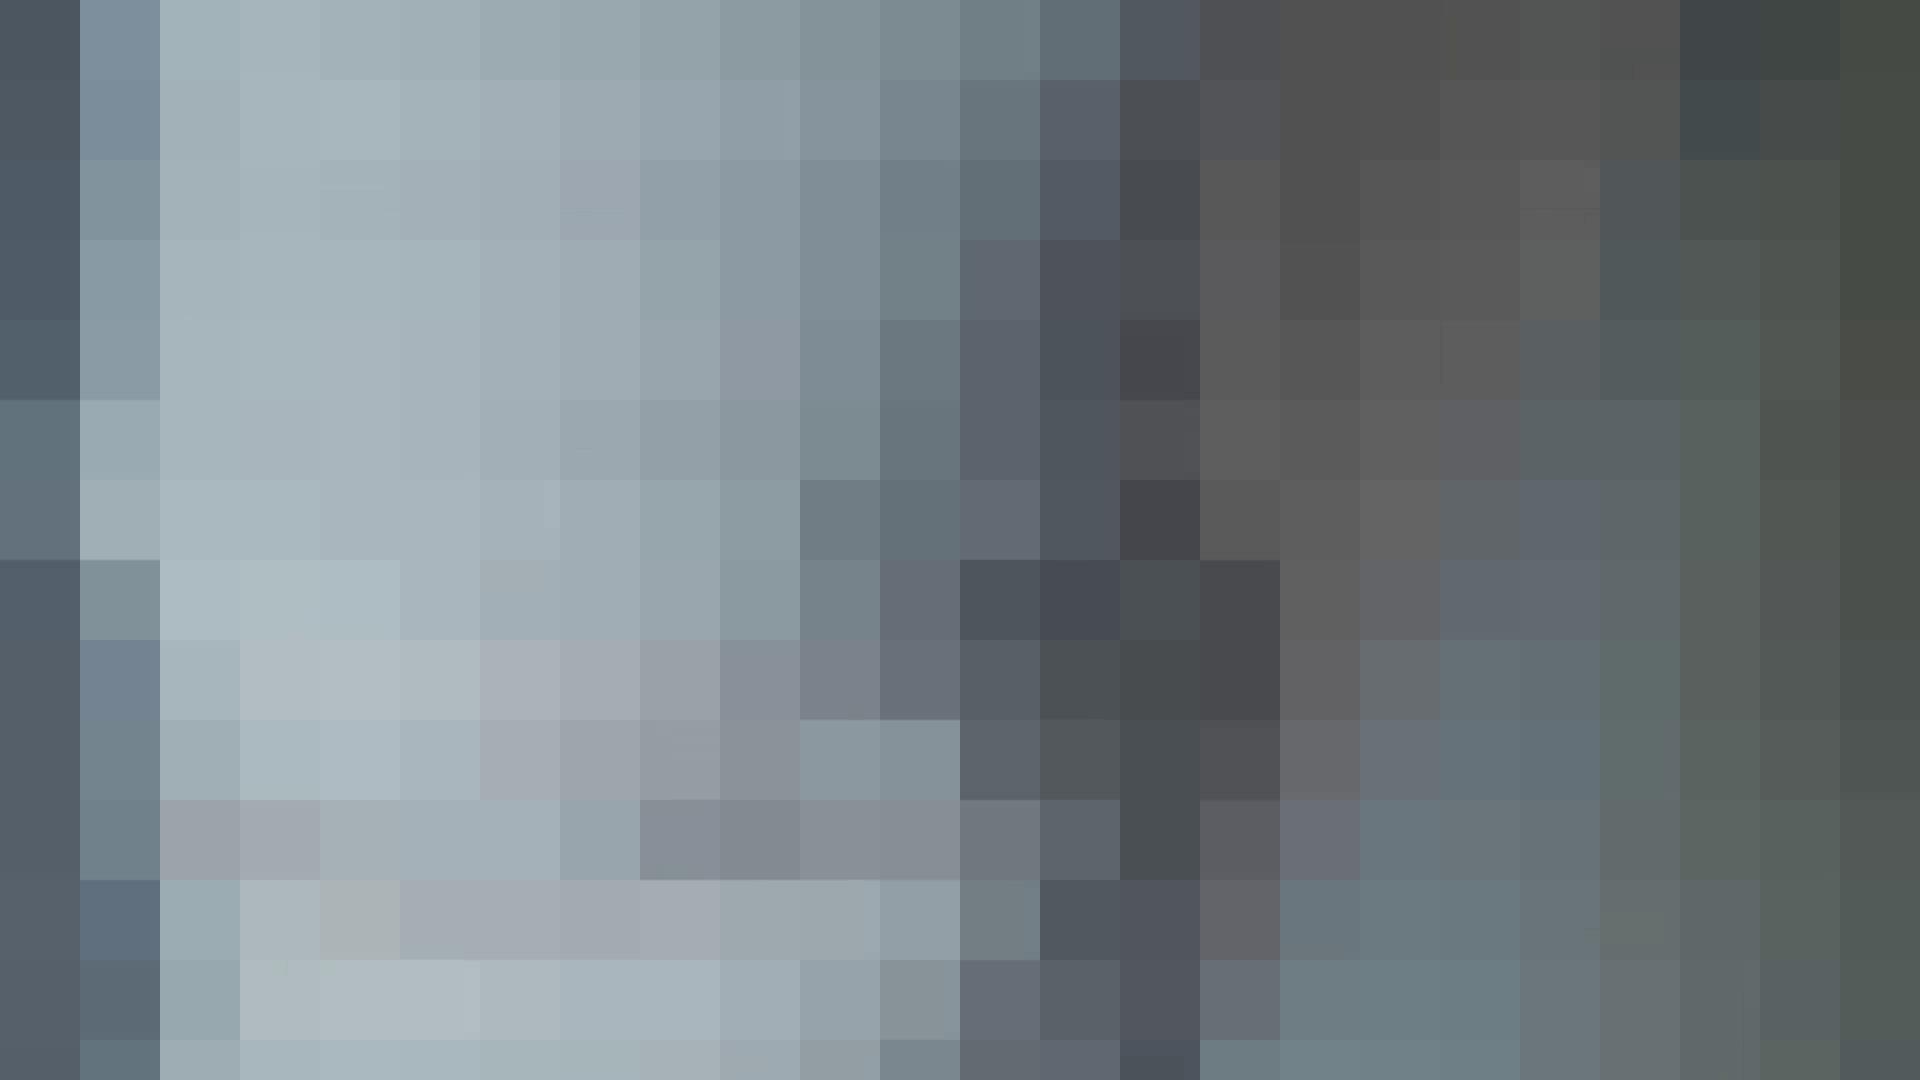 阿国ちゃんの「和式洋式七変化」No.16 洗面所  56PIX 7